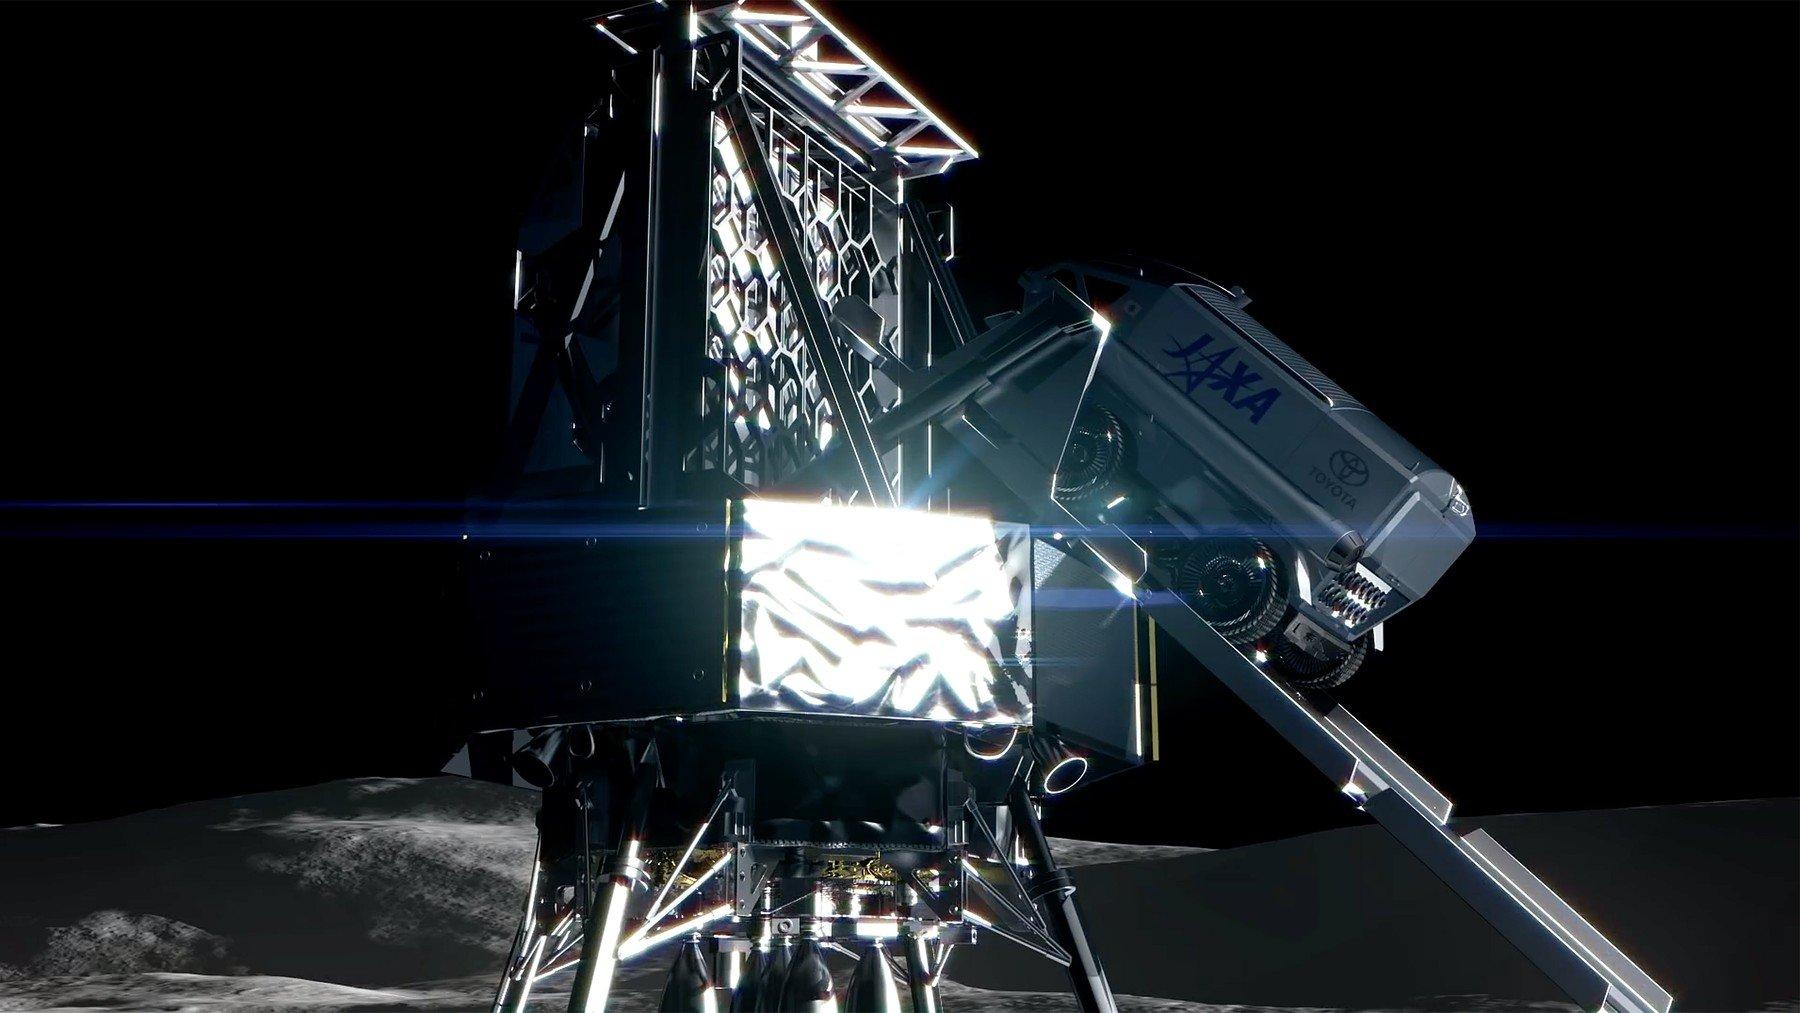 Toyotin rover za istraživanje Mjseca